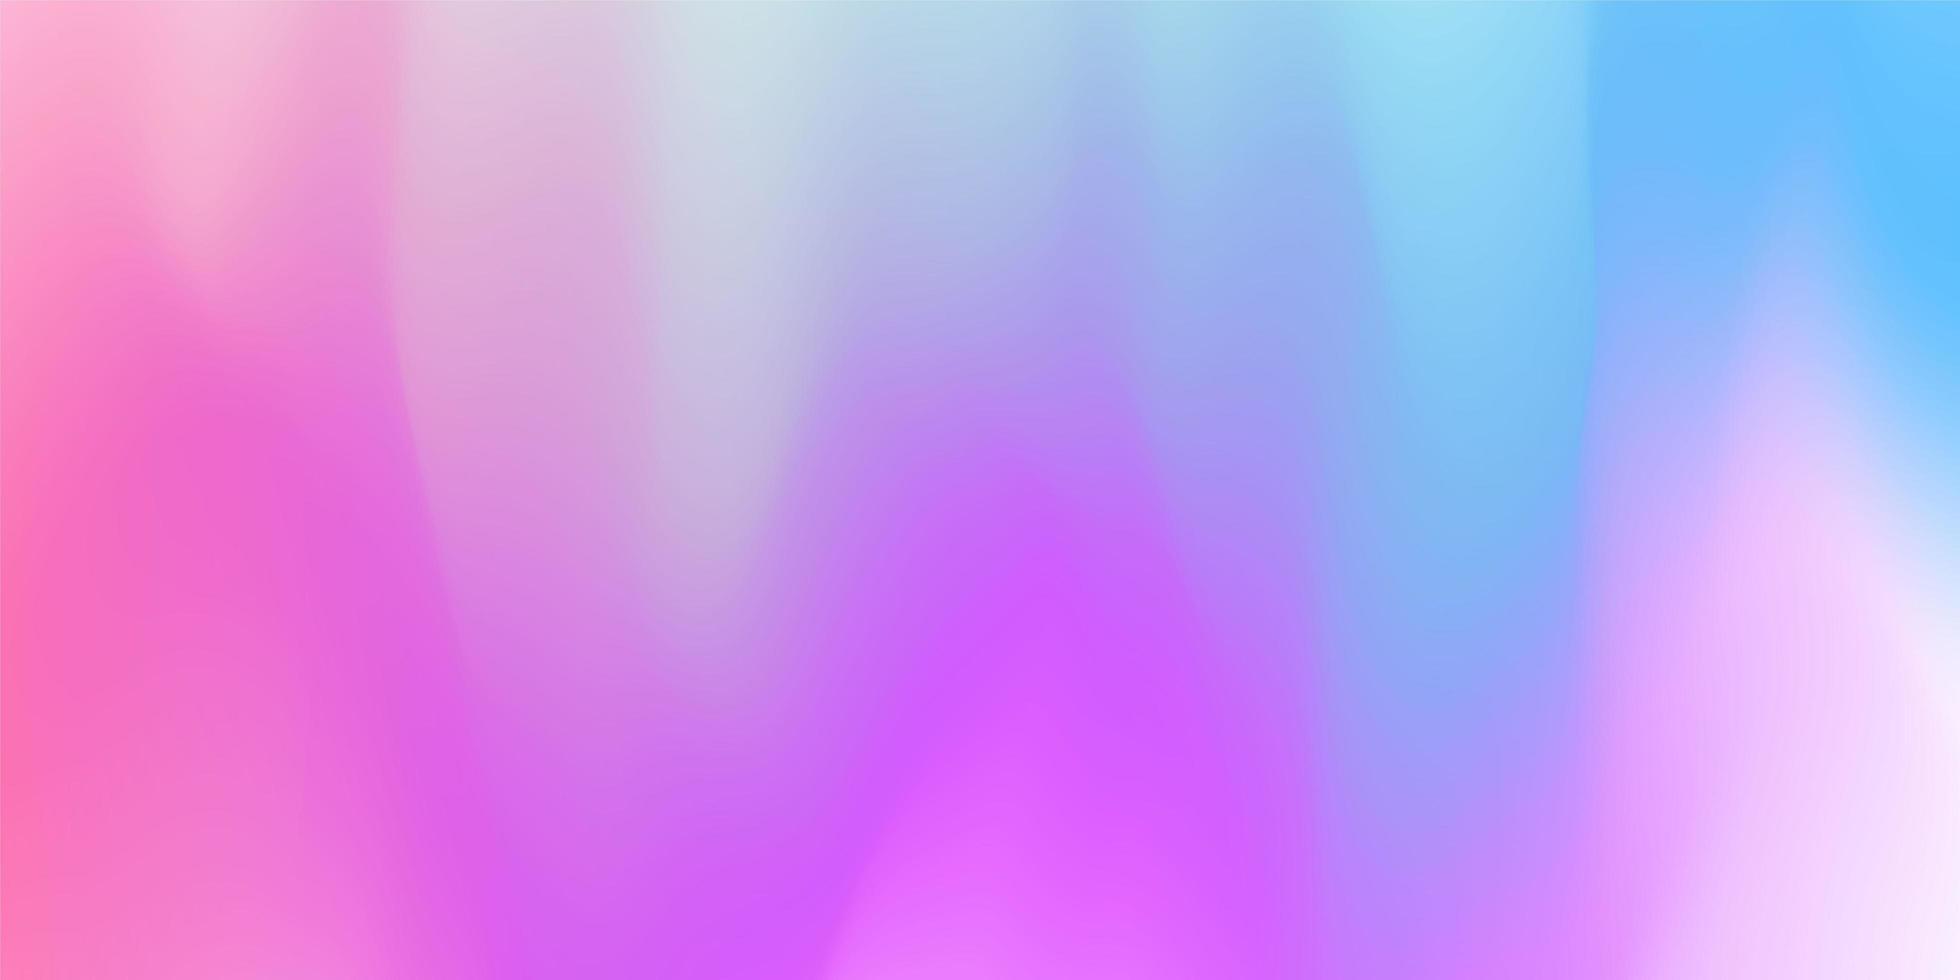 Hintergrundkonzept des abstrakten Pastellflüssigkeitsgradienten für Ihr Grafikdesign vektor